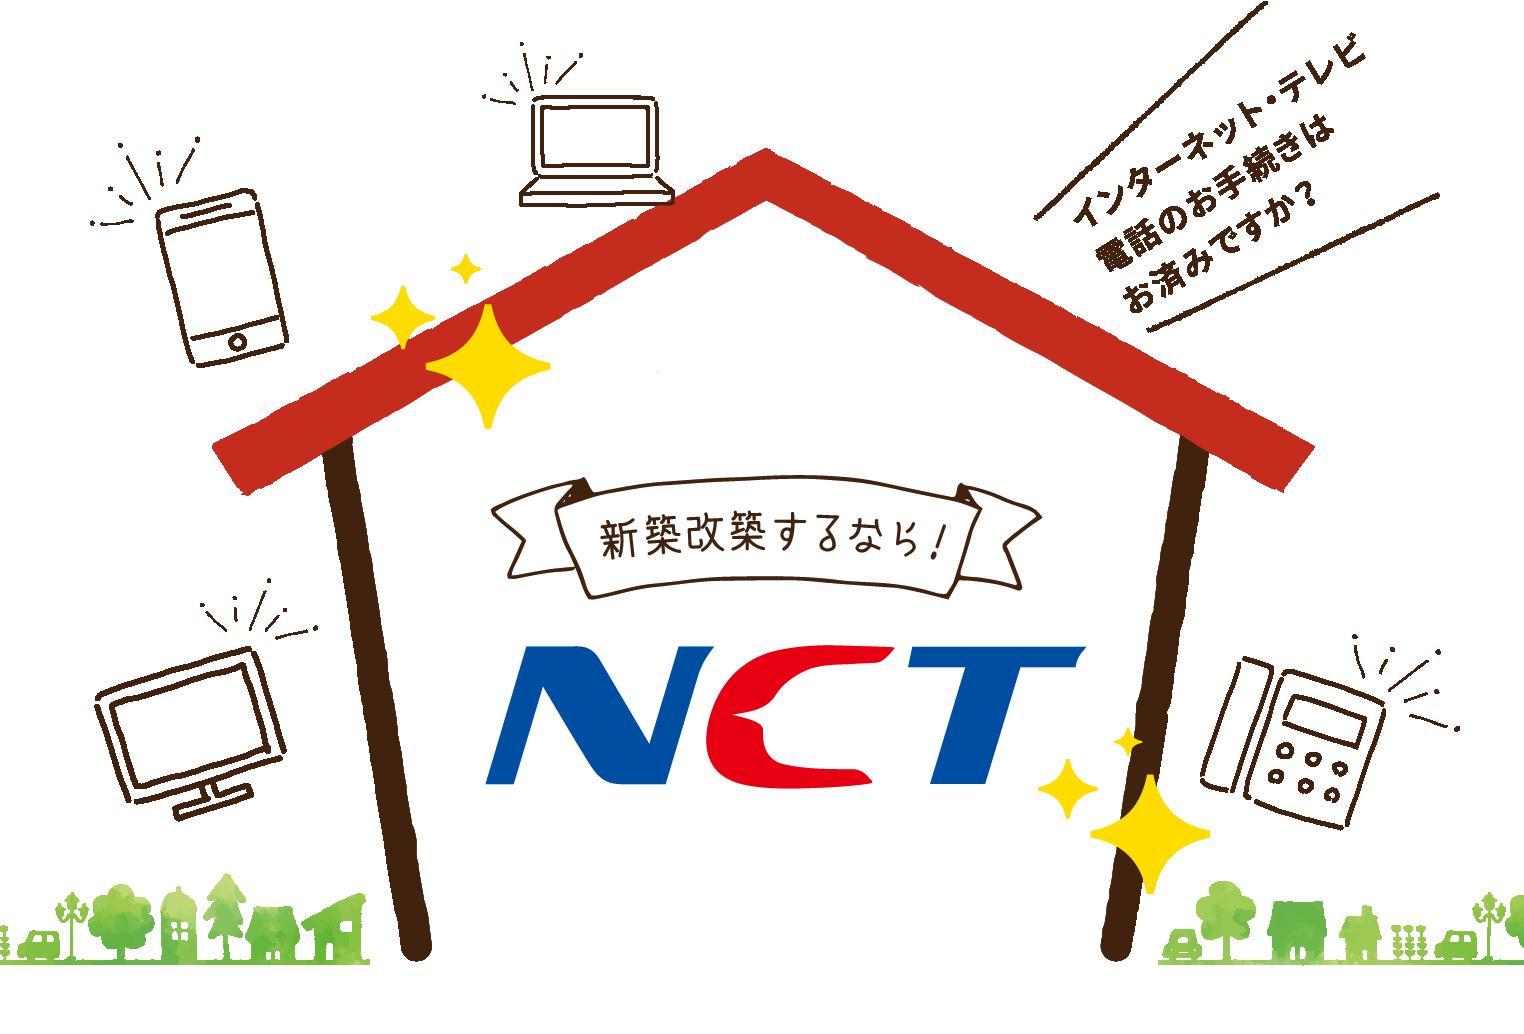 NCTの新築割